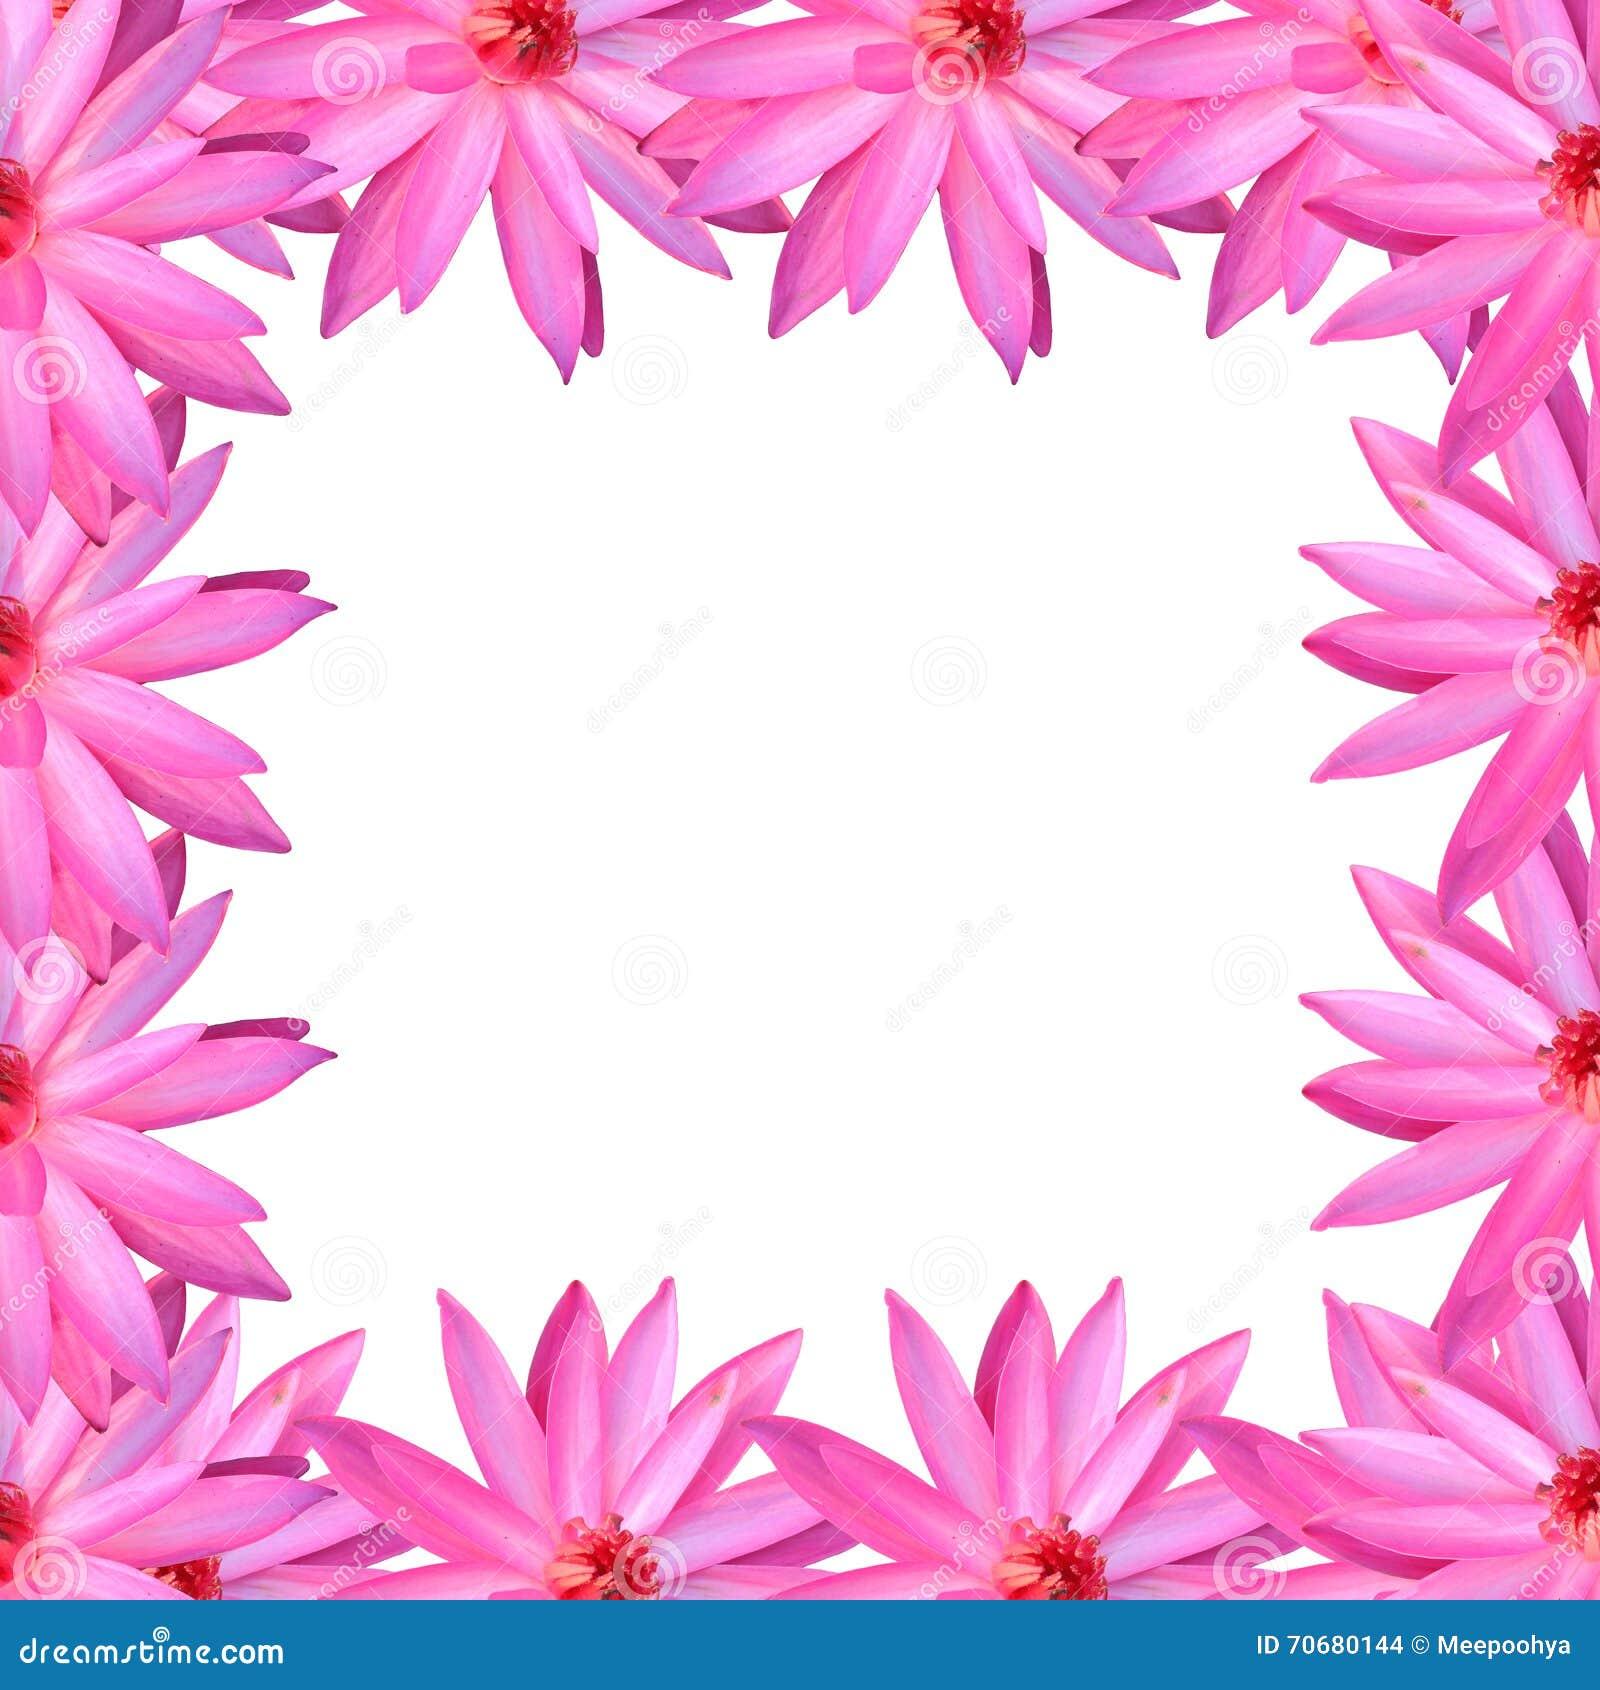 Frame Pink Lotus Isolated On White Background Stock Photo Image